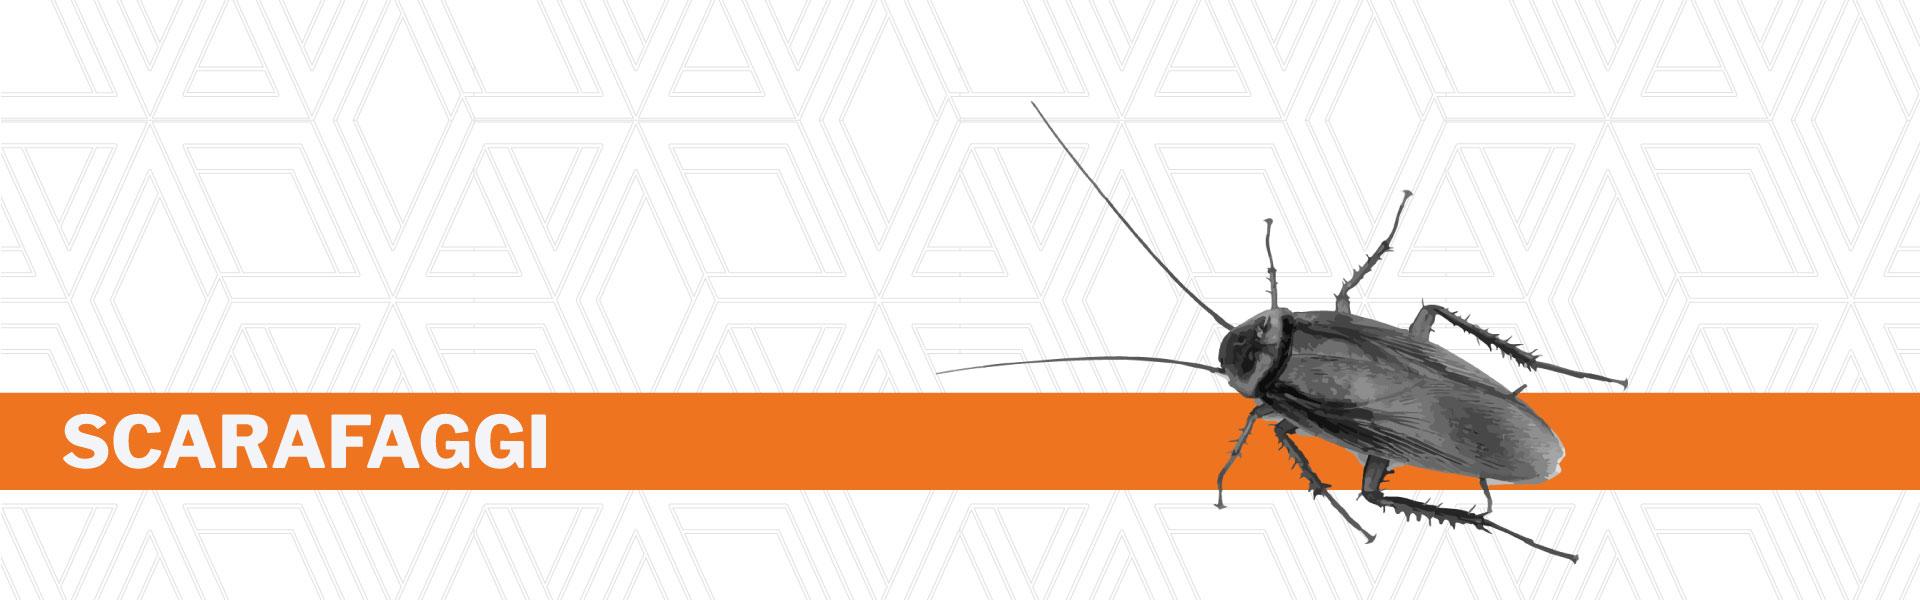 Disinfestazione scarafaggi Urania srl